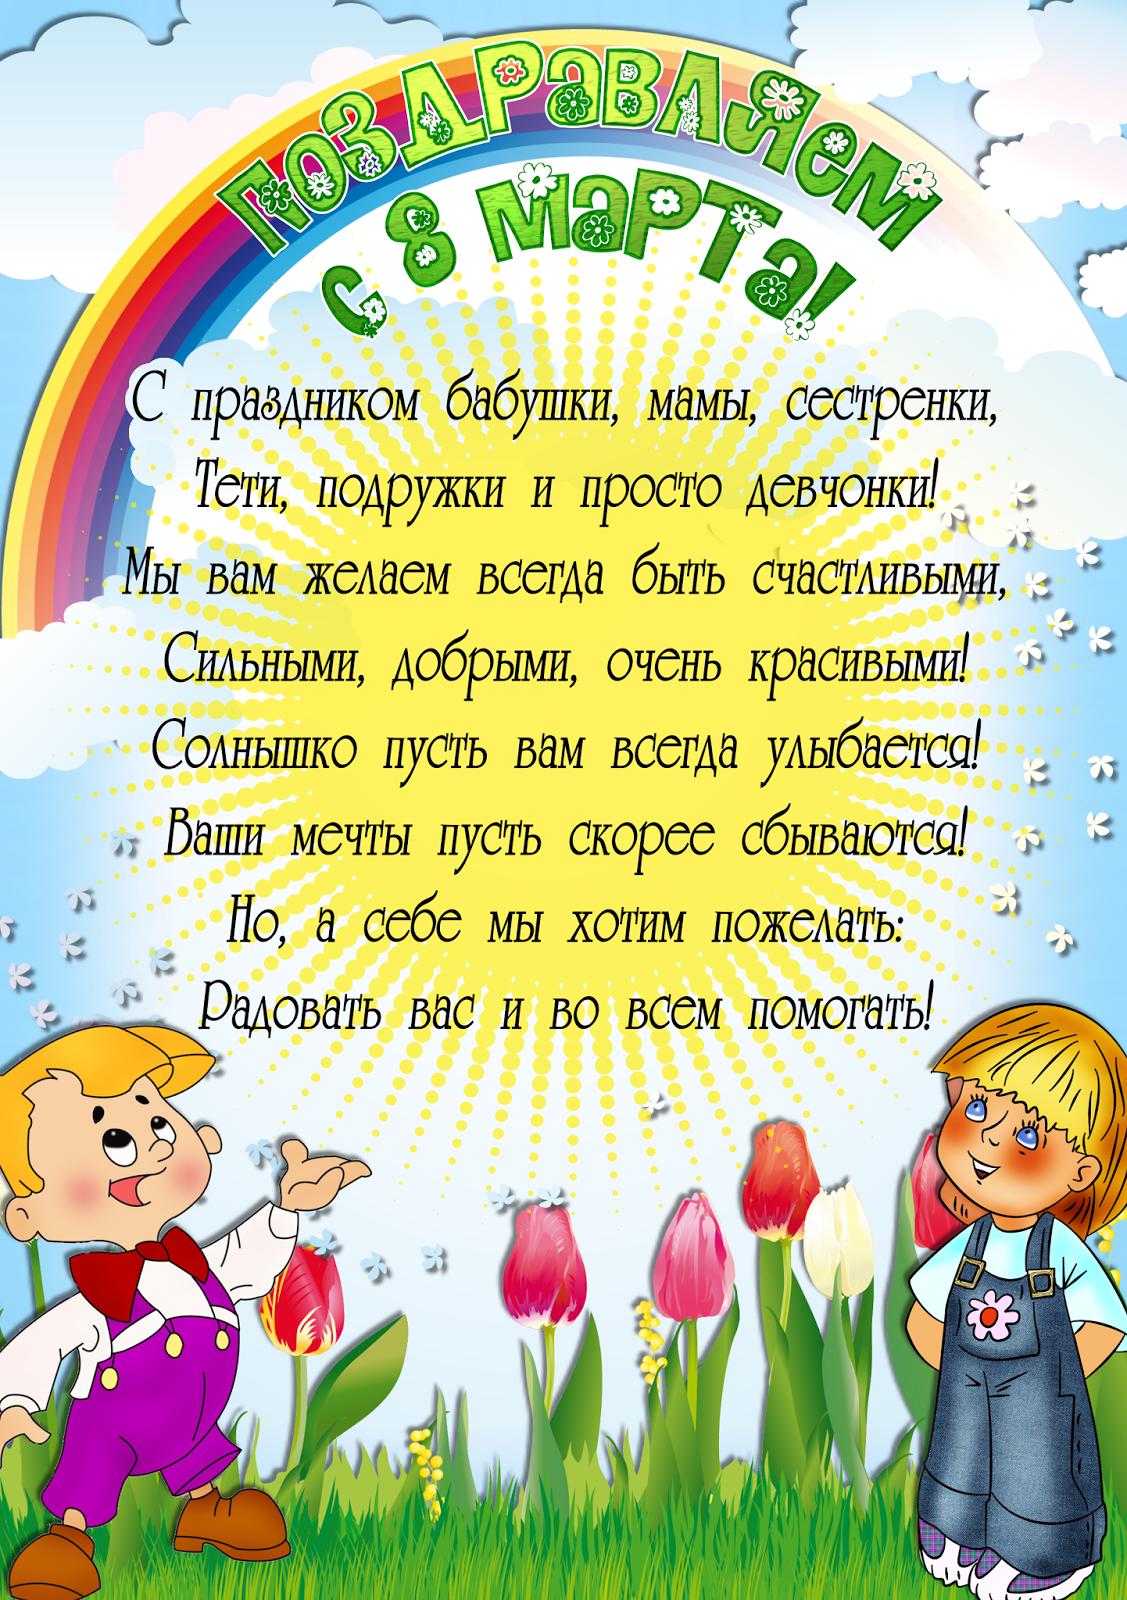 Картинки поздравления к 8 марта в доу, поздравления